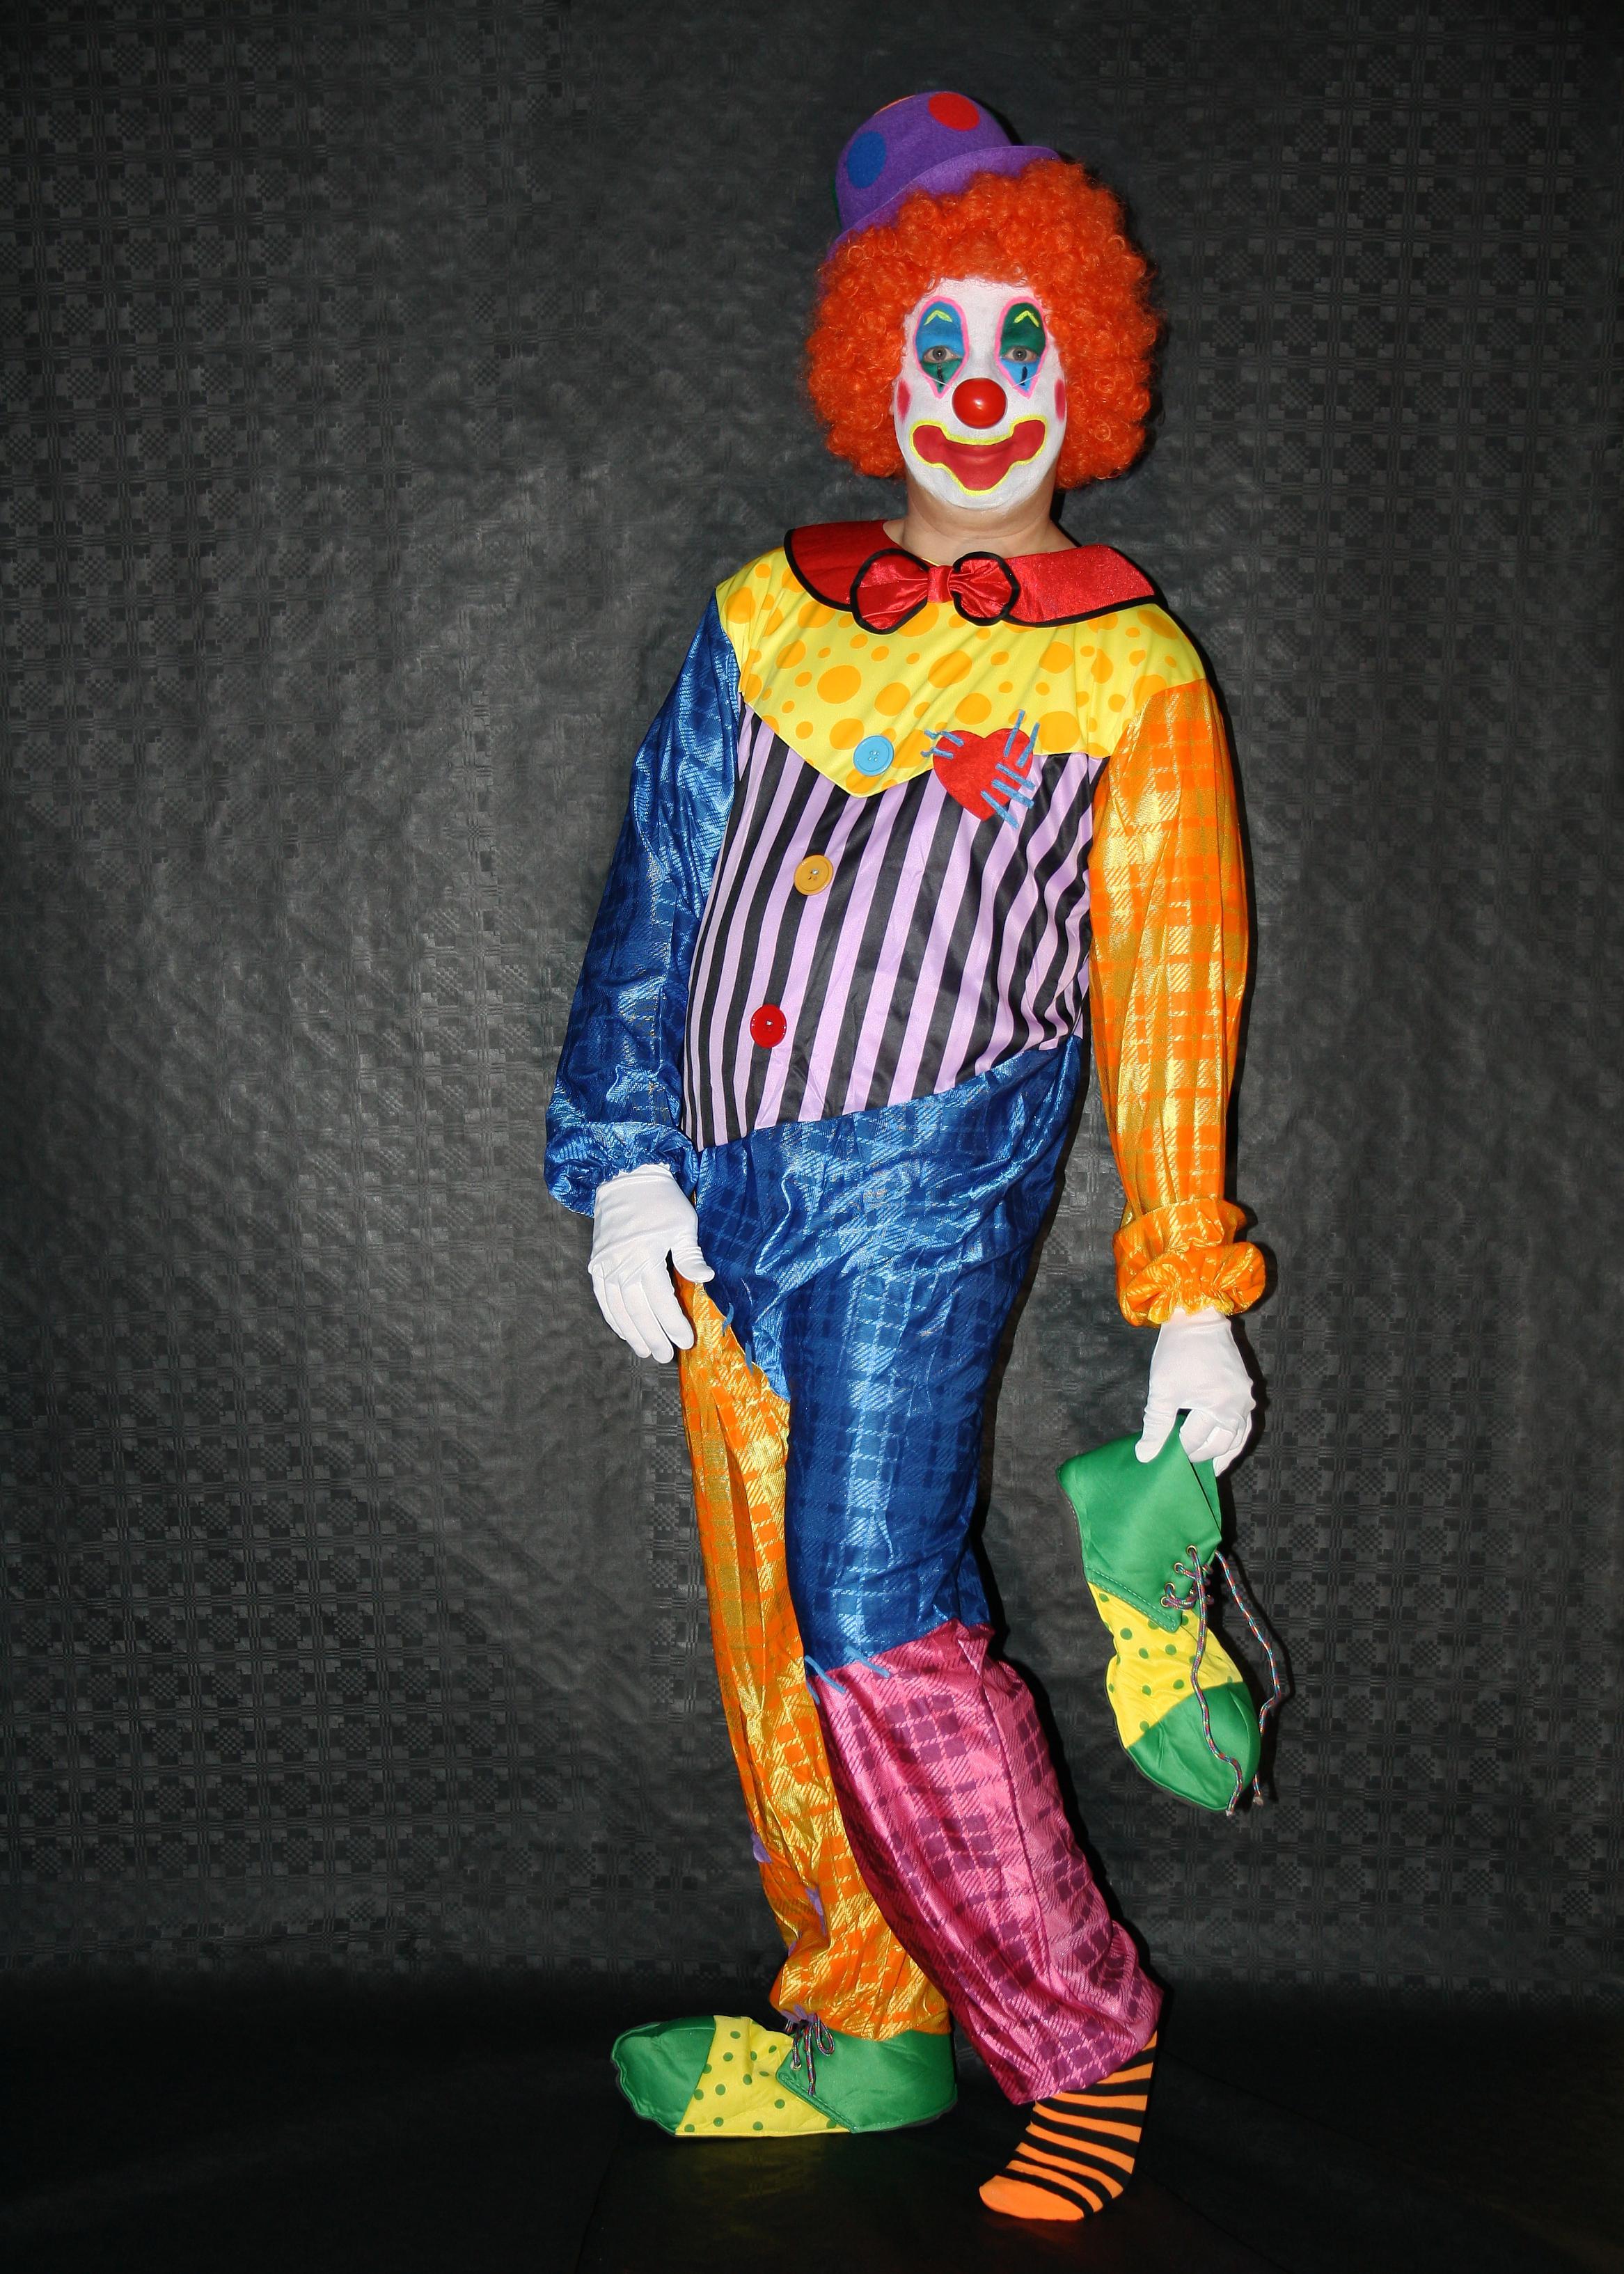 Clown, Clown